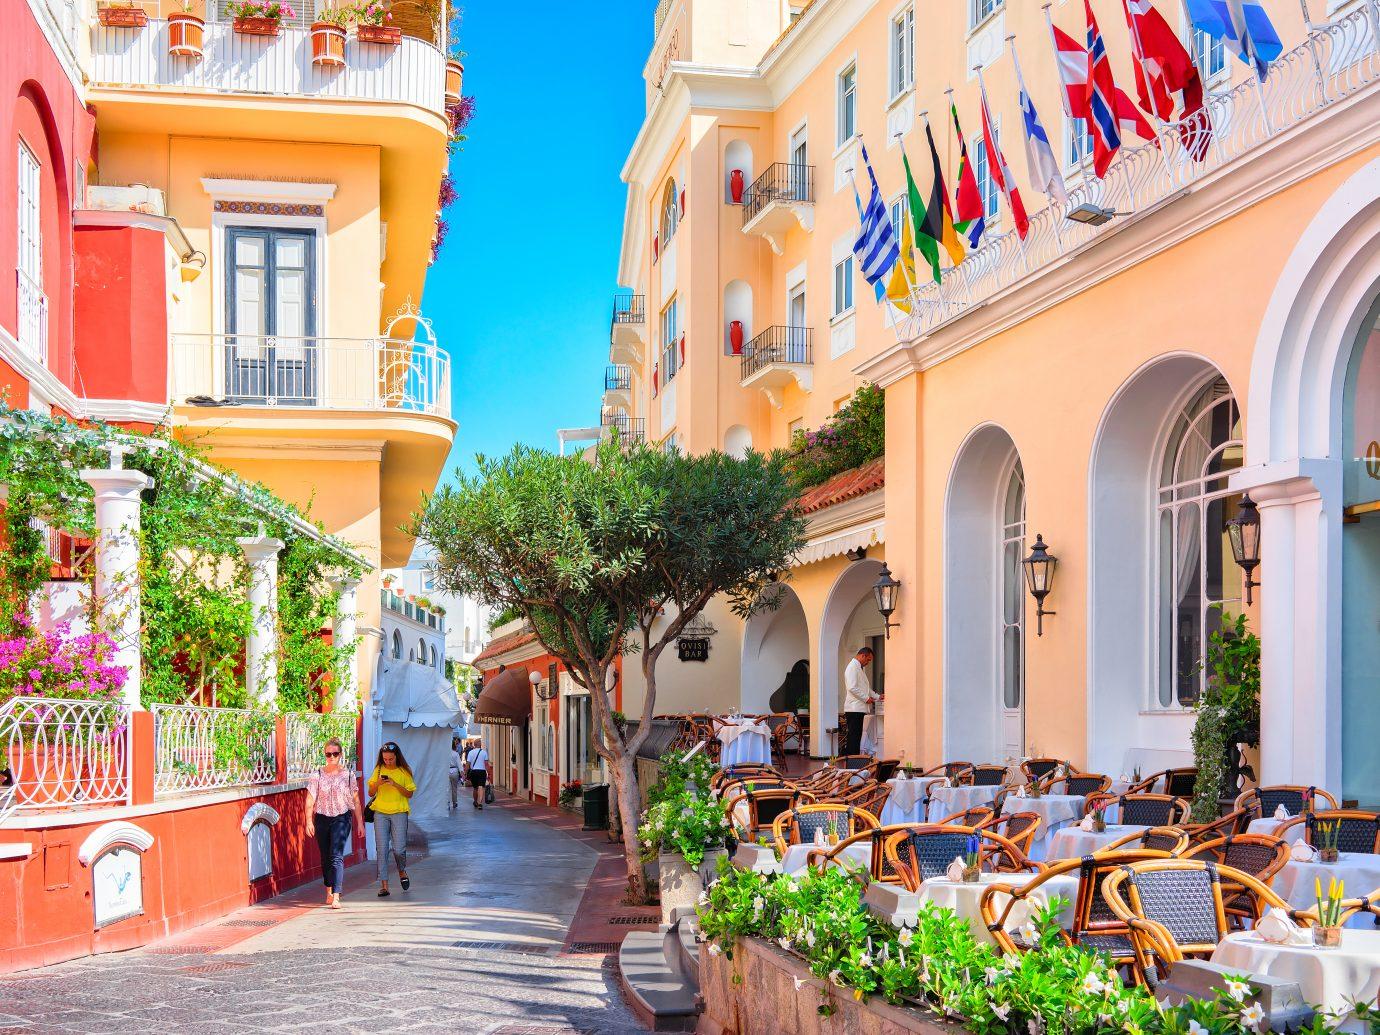 Capri, Italy - October 3, 2017: Tourists at Street cafes on Capri Island, Italy